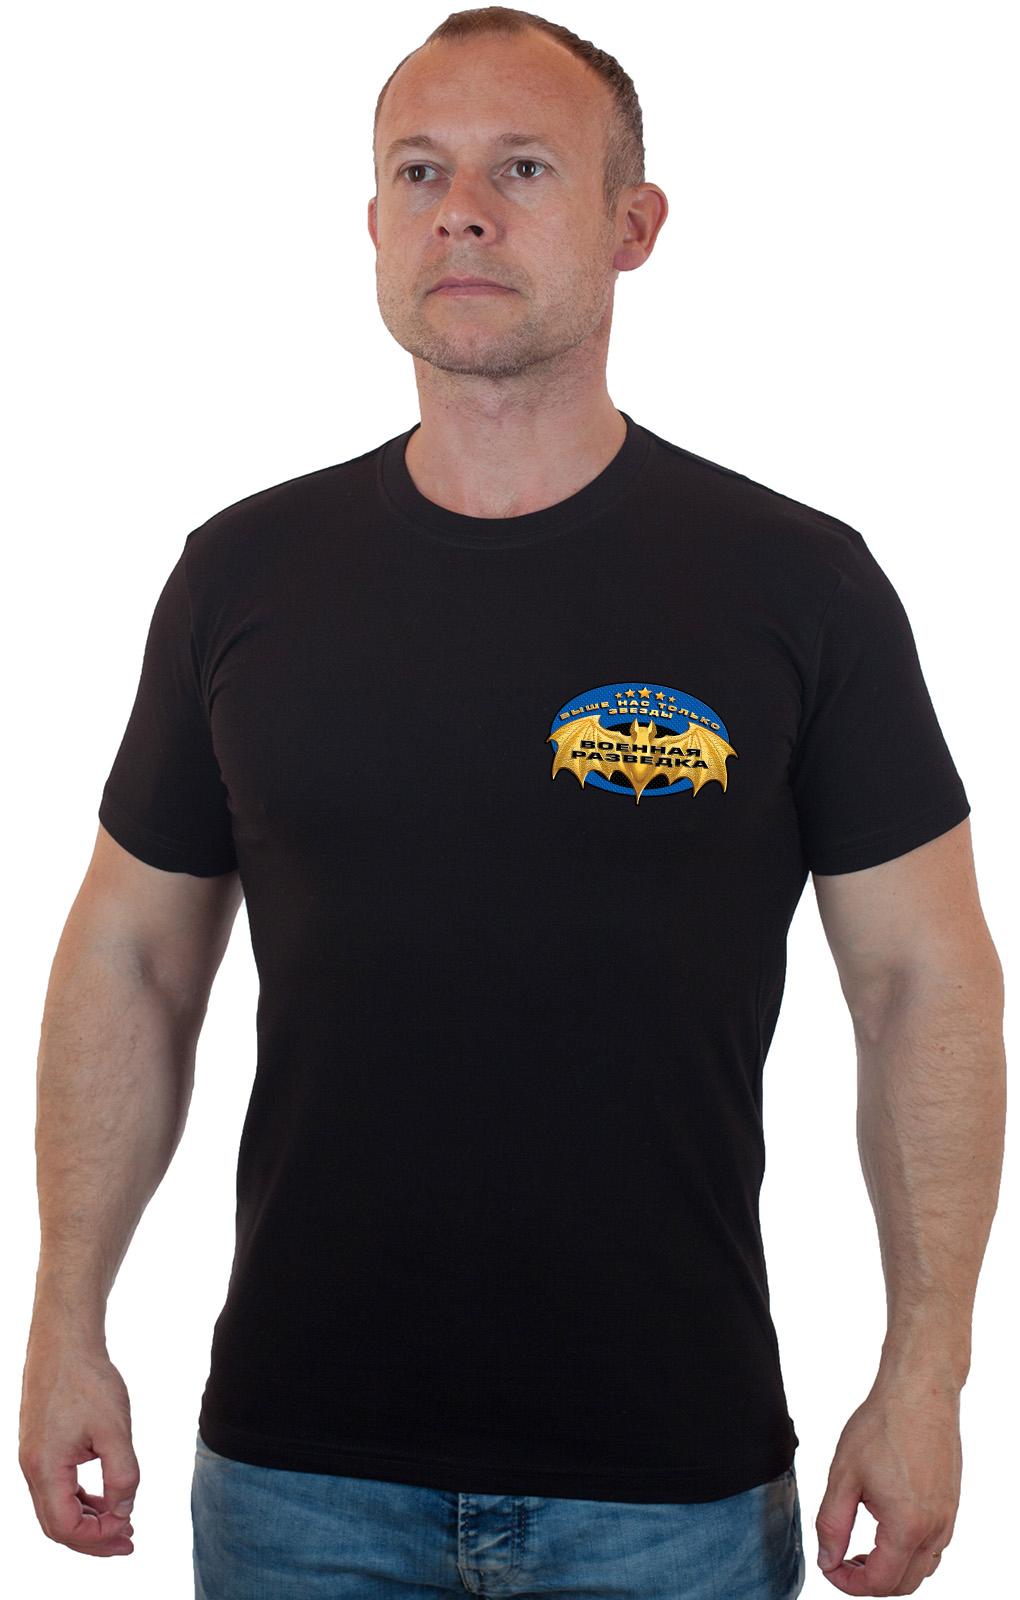 Заказать функциональную футболку Военного разведчика оптом